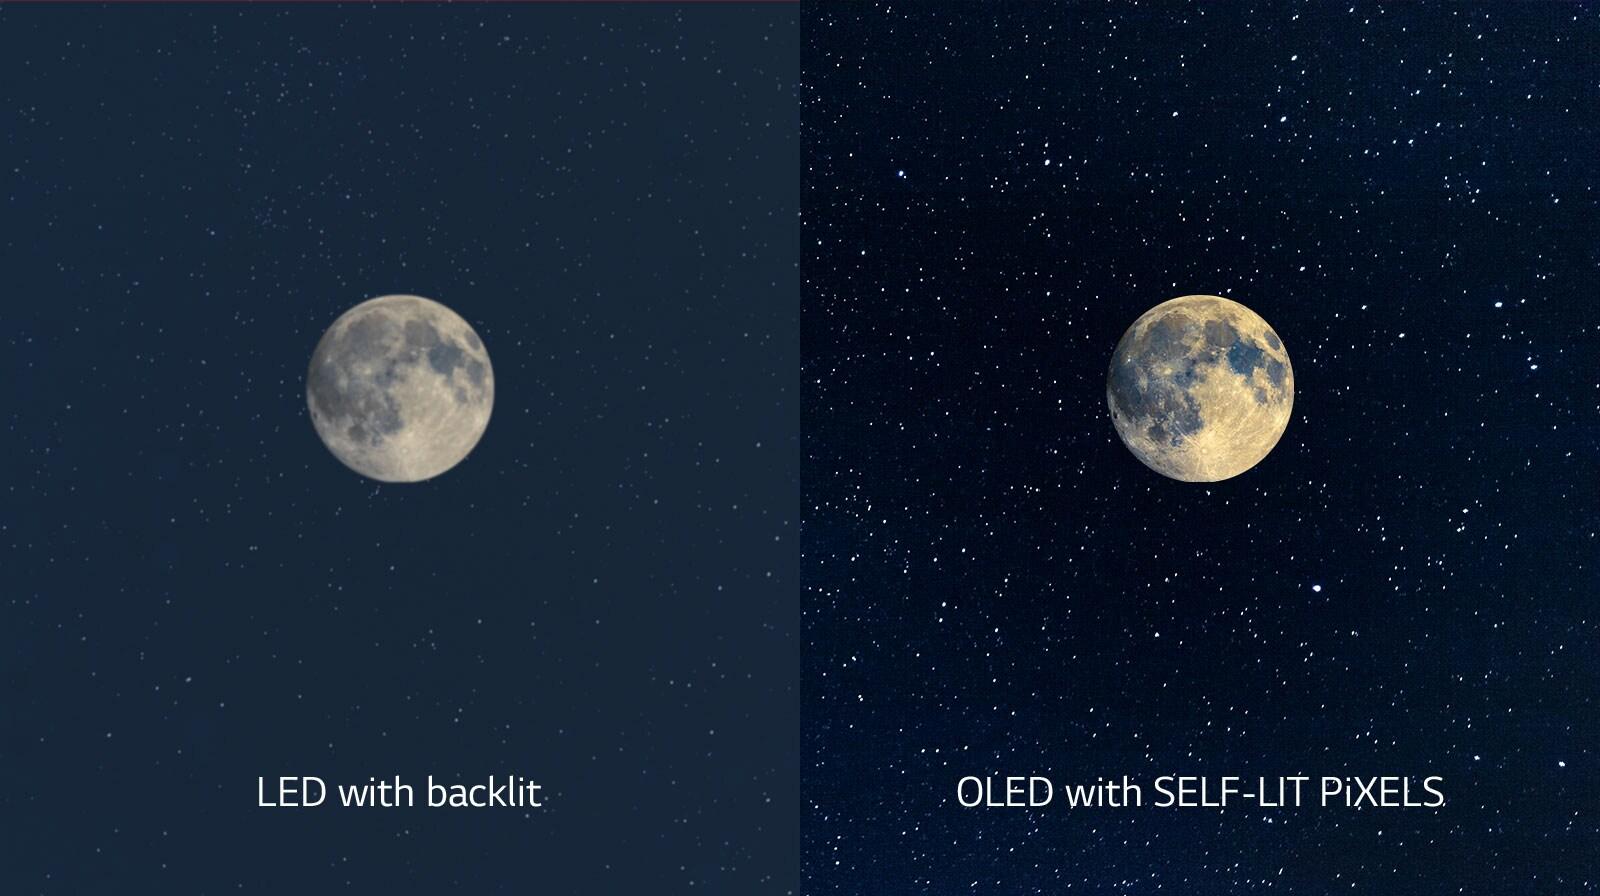 Prikaz lune, LED je na levi in prikazuje premalo črne barve, medtem ko je najgloblja črna na OLED na desni (predvajanje videoposnetka)